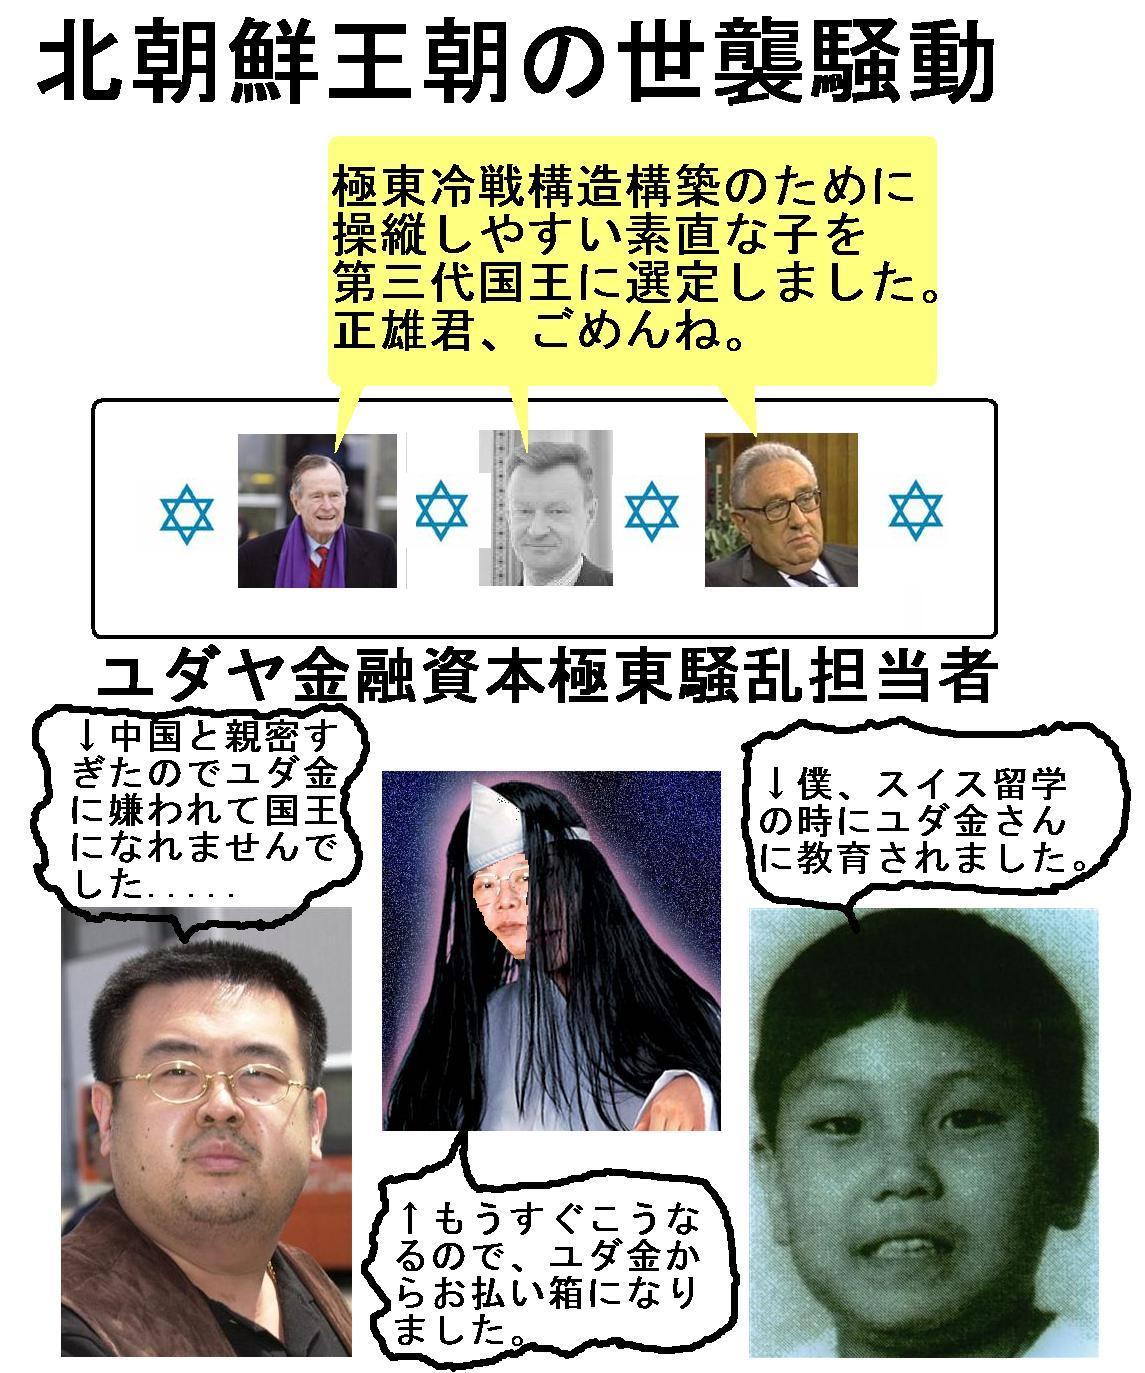 朝鮮王朝の王様選び